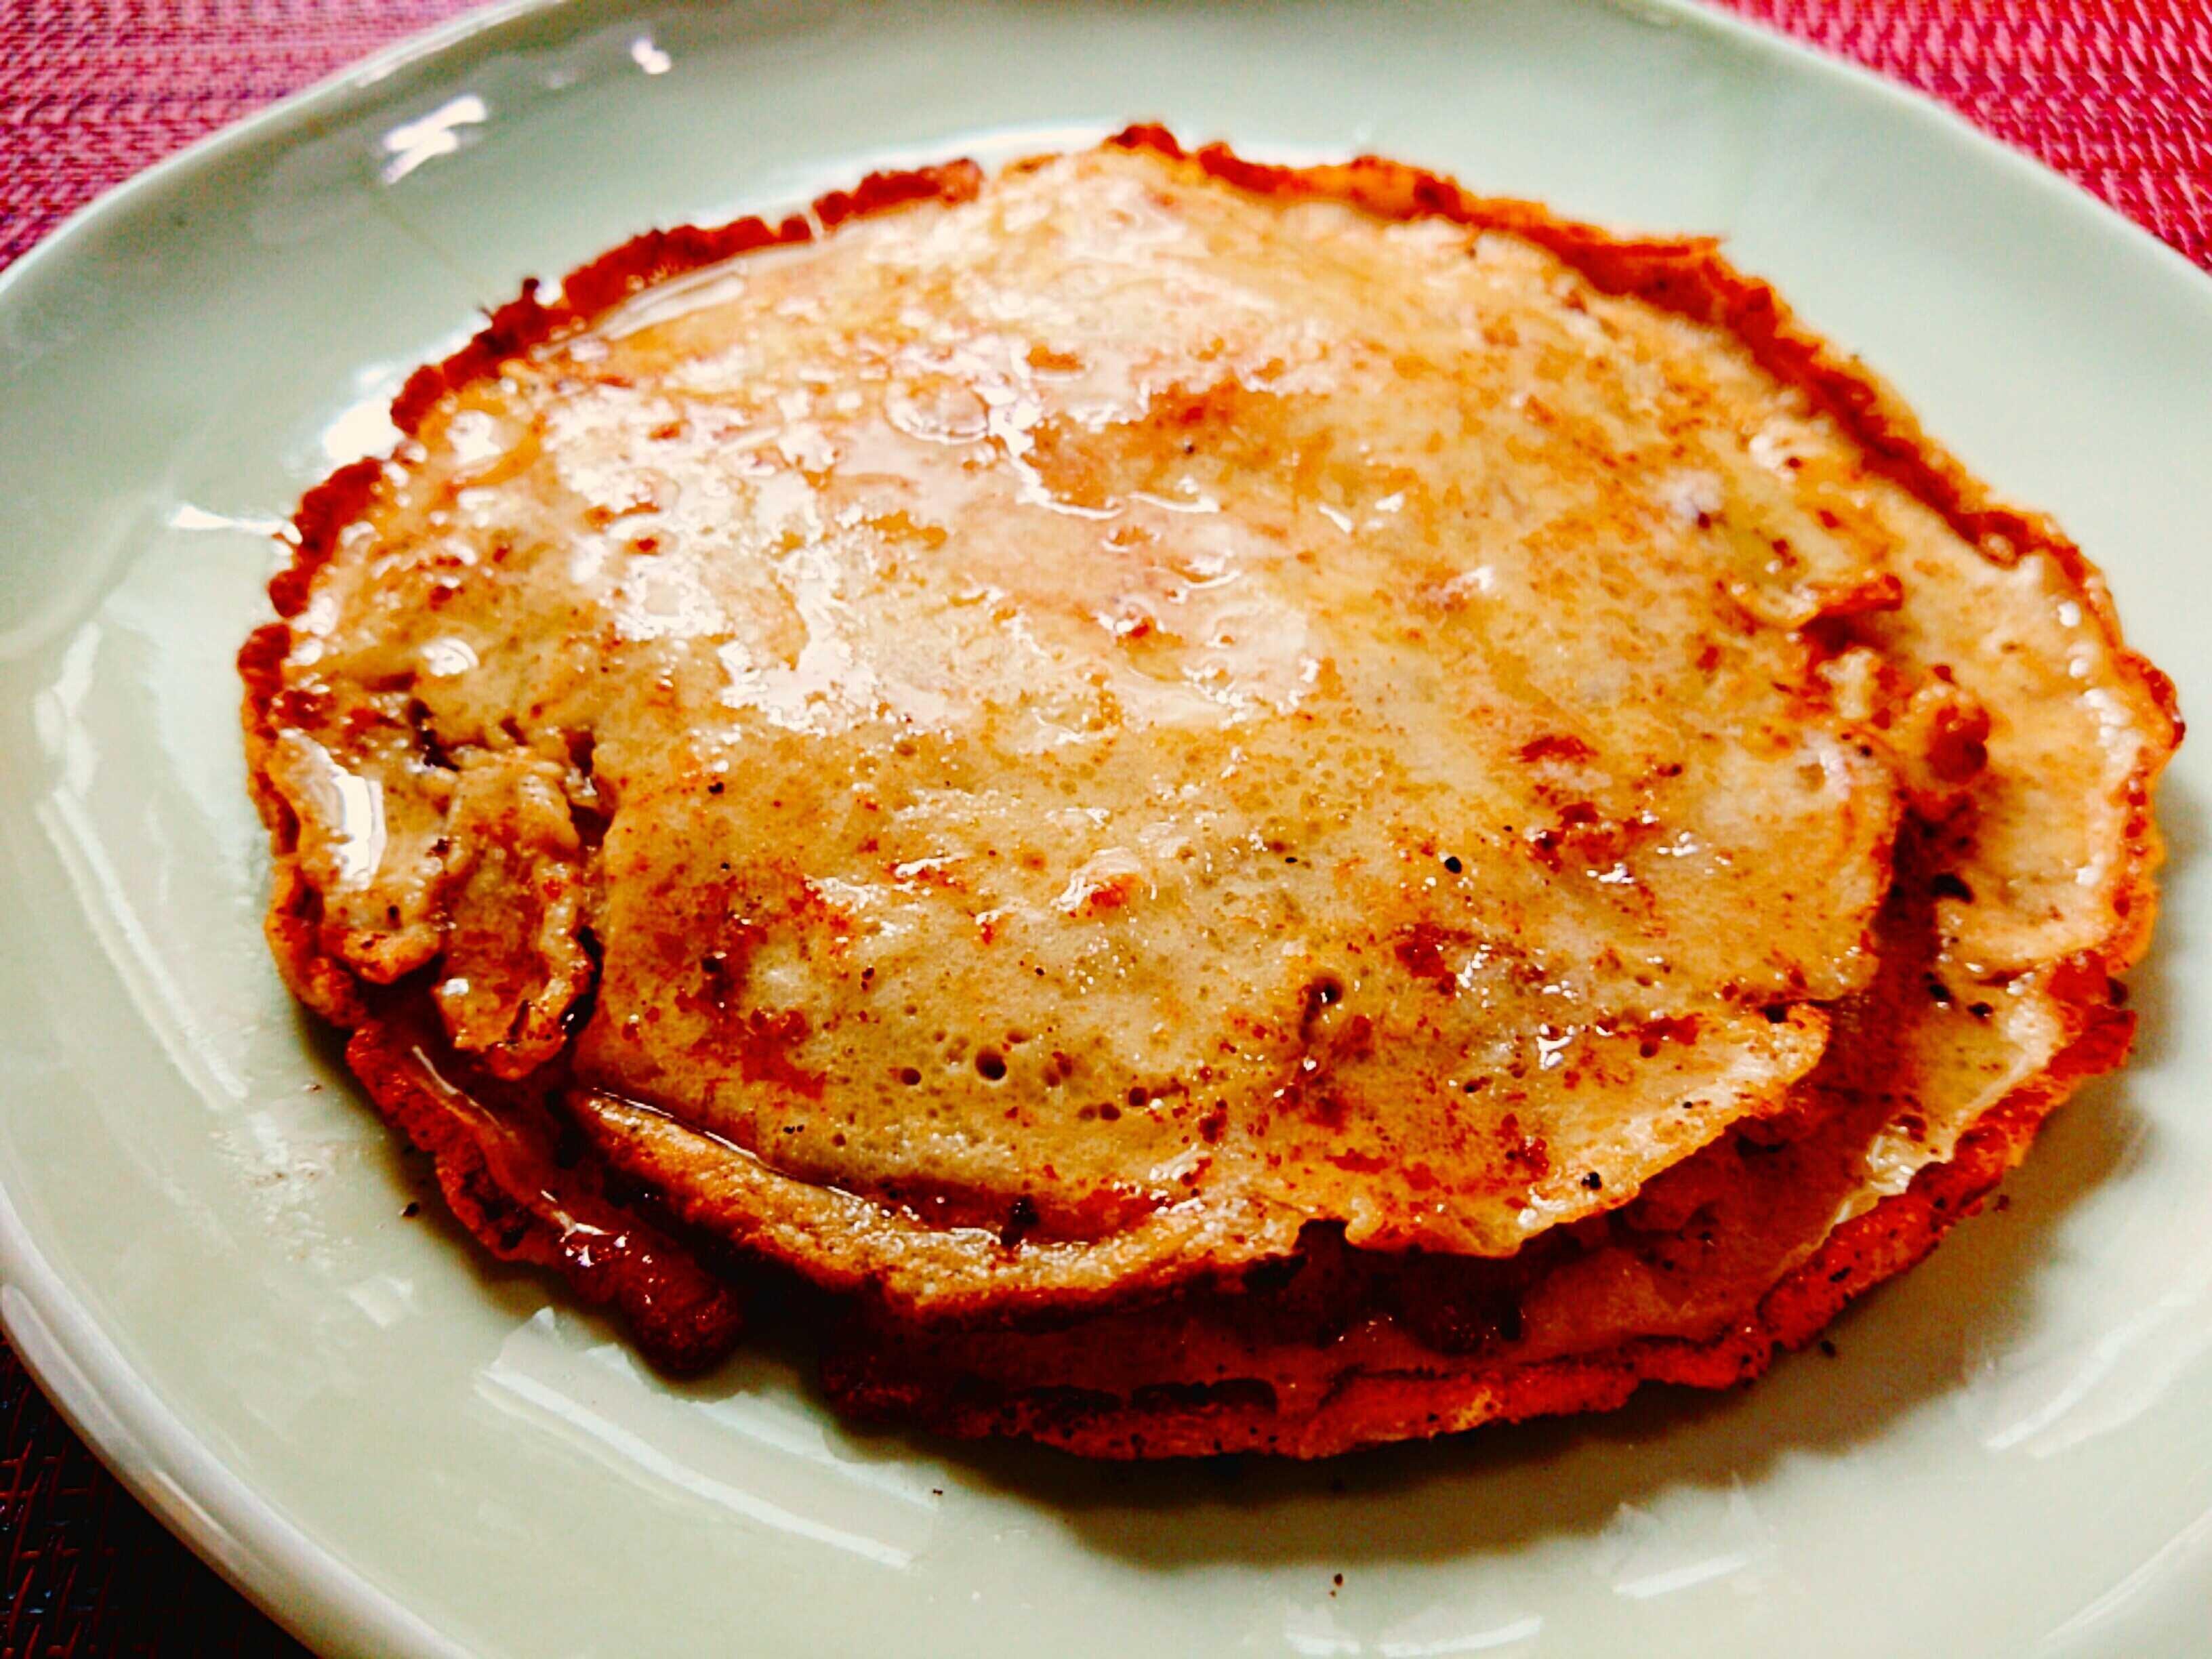 完成した大中小3枚のパンケーキ(写真7)